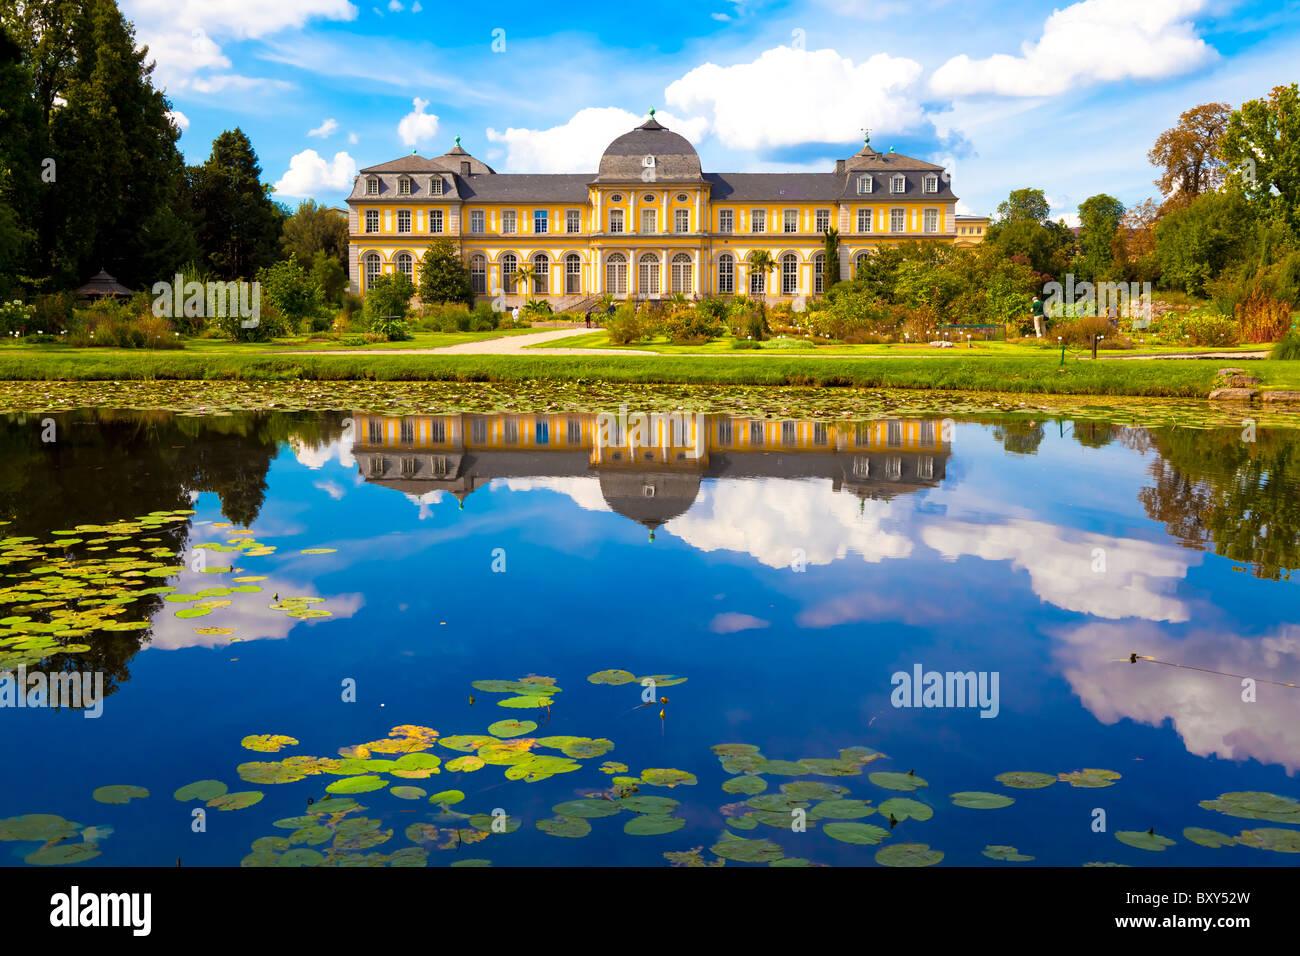 Poppelsdorfer Schloss in Bonn - Stock Image